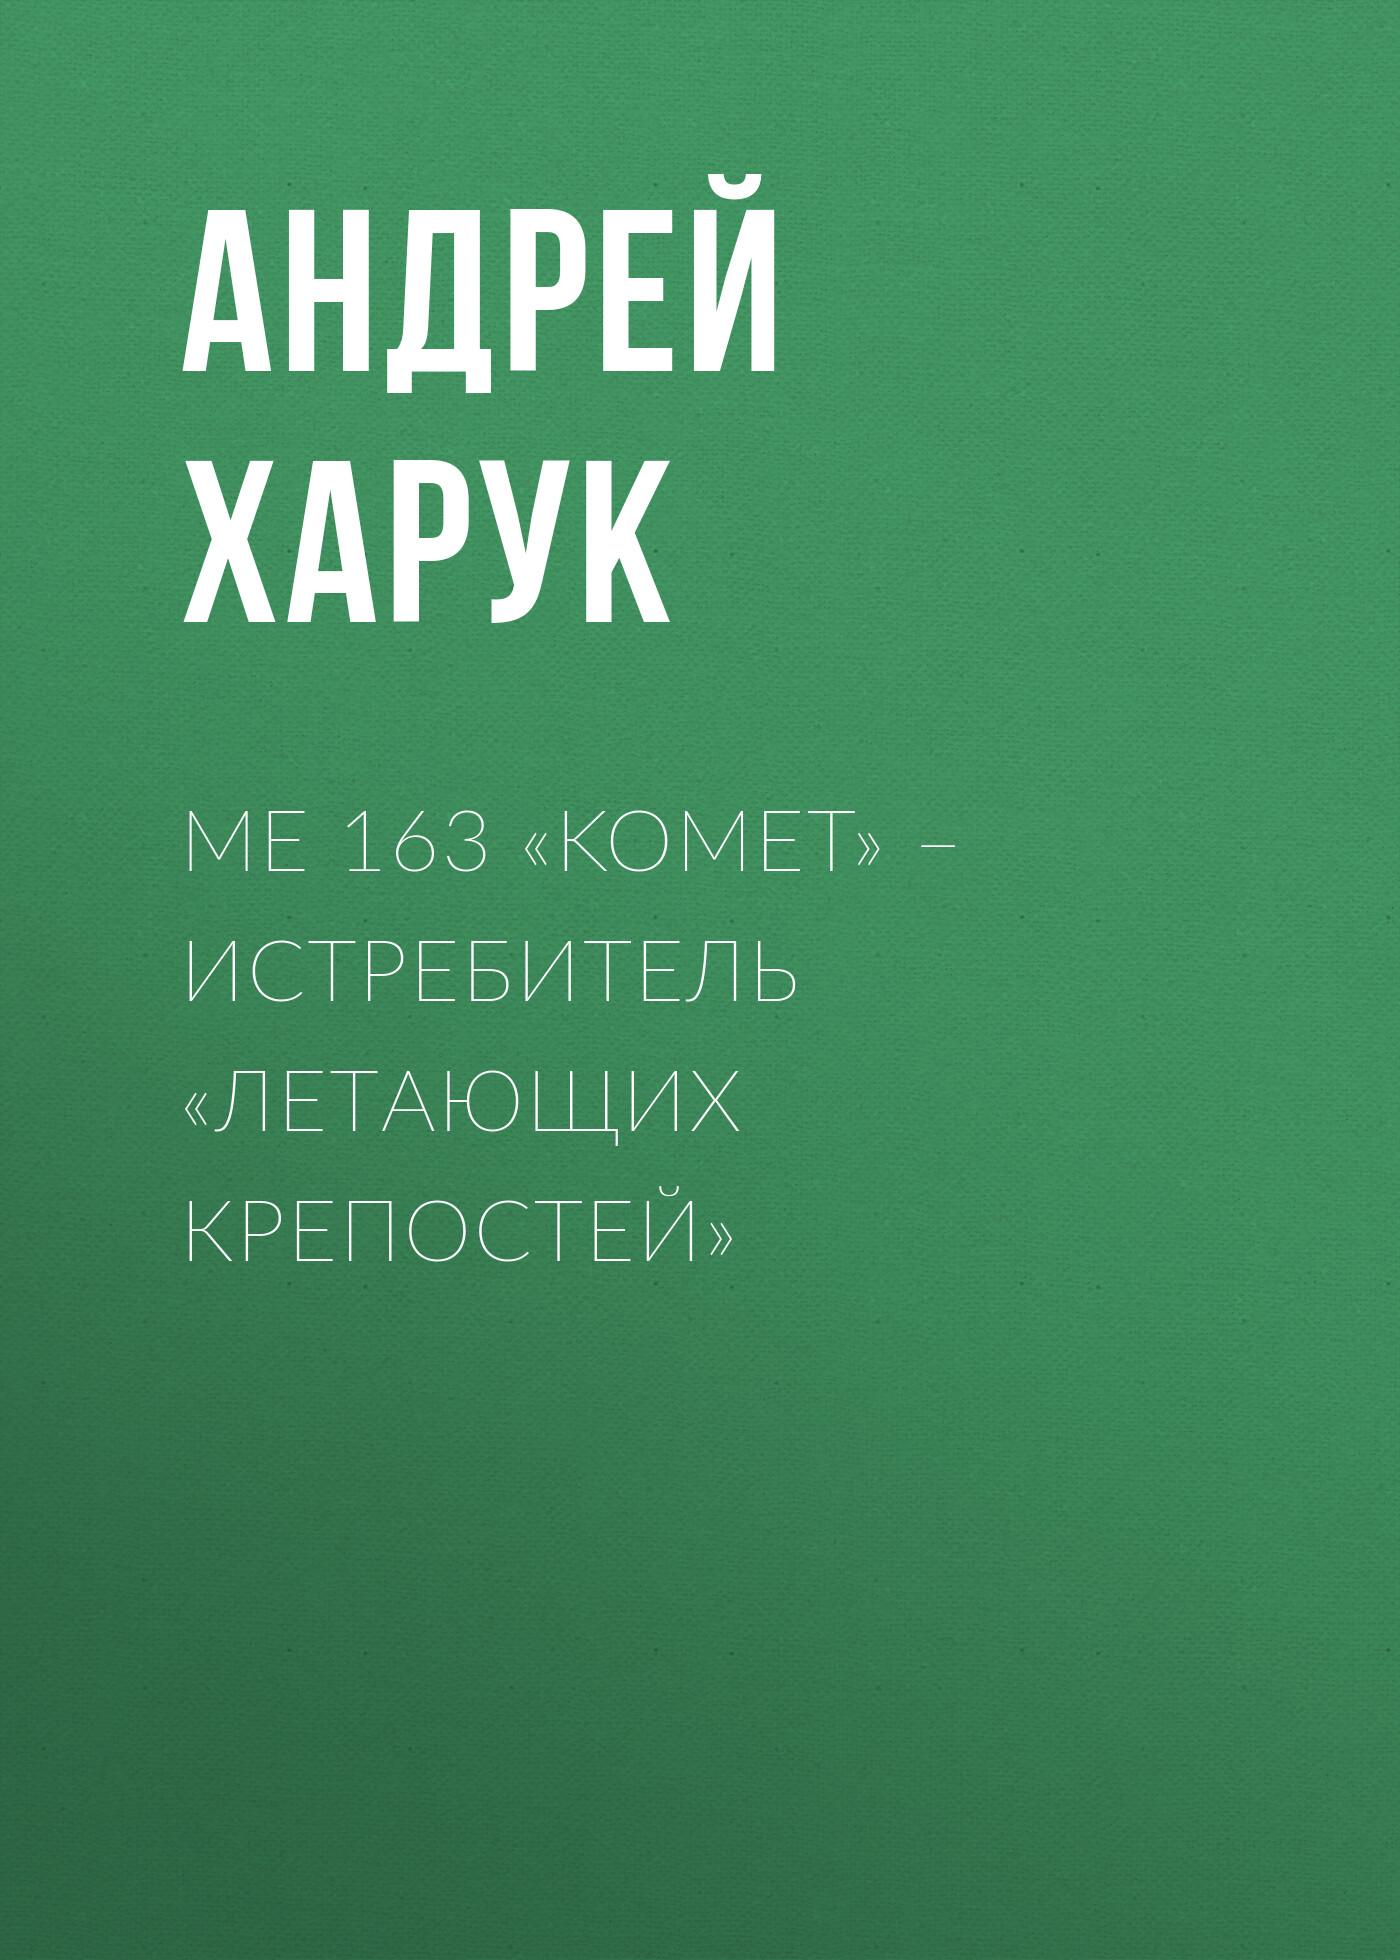 Me 163«Komet» – истребитель «Летающих крепостей»